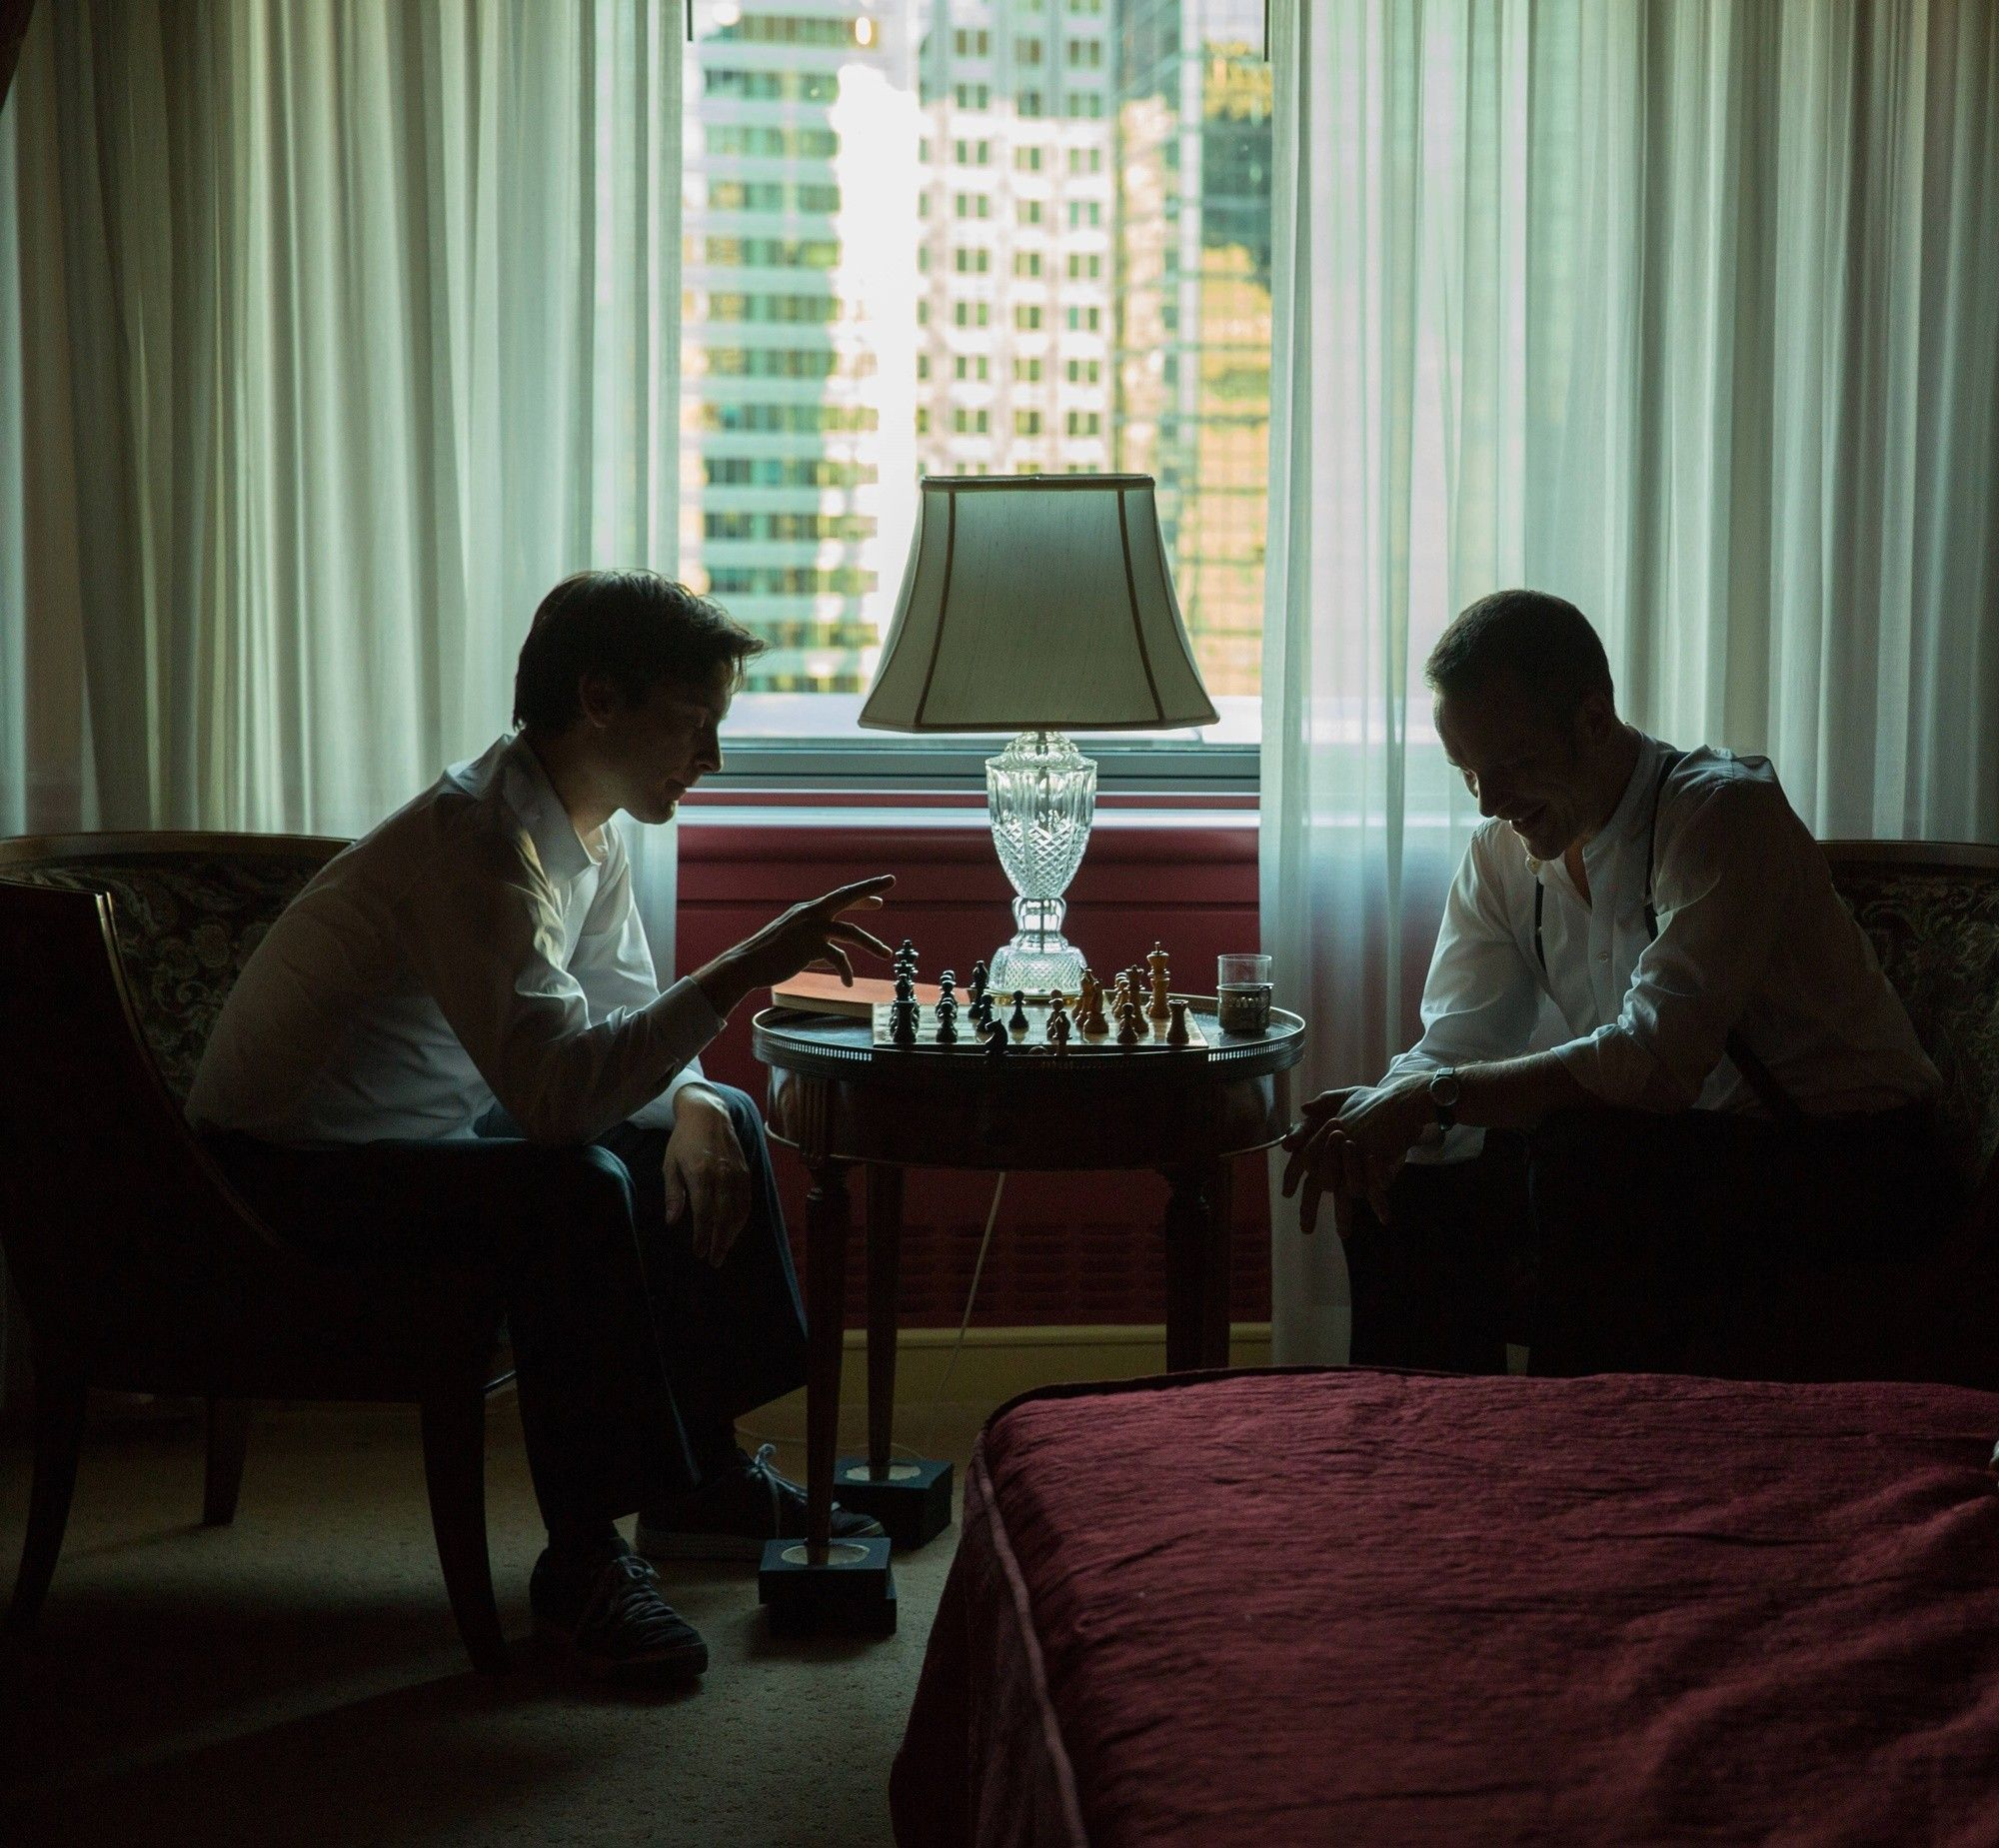 Tobey Maguire y Peter Sarsgaard en la cinta 'La Jugada Maestra' (Pawn Sacrifice). Estreno en cines 26 de febrero.